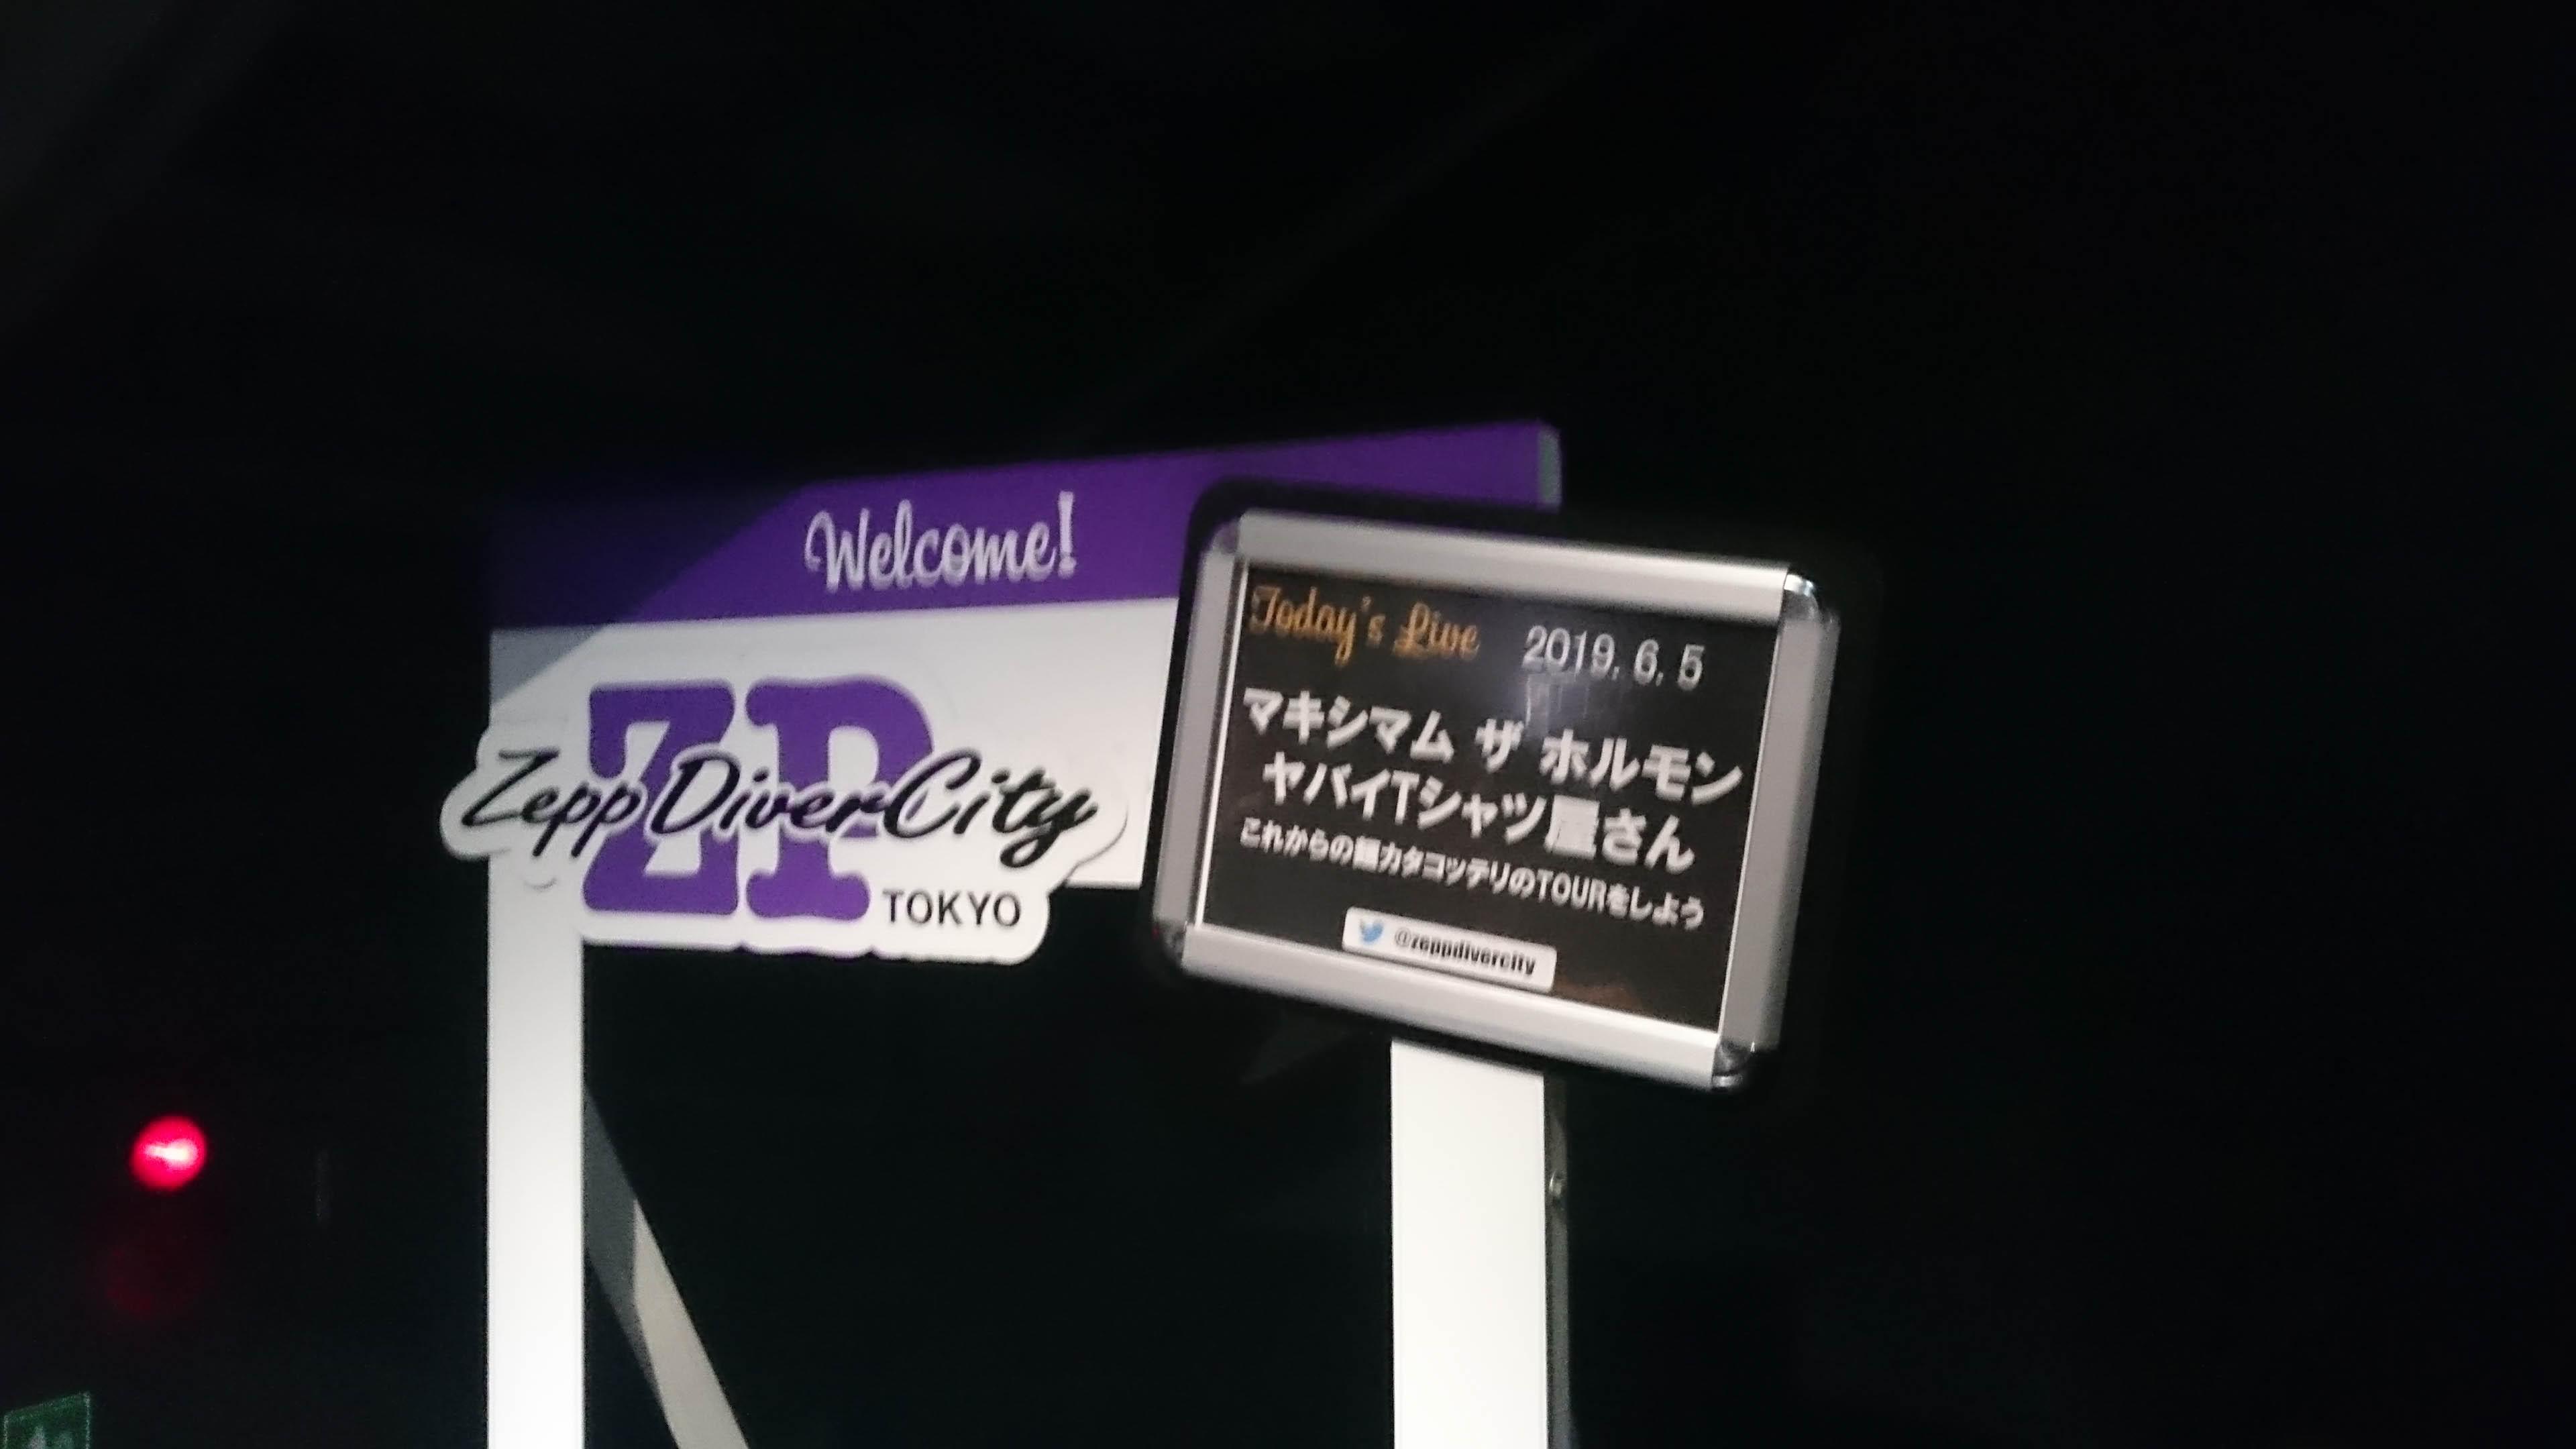 マキシマムザホルモン『これからの麺カタコッテリのTOURをしよう』@ZeppDivercityのライブレポ セトリ付き